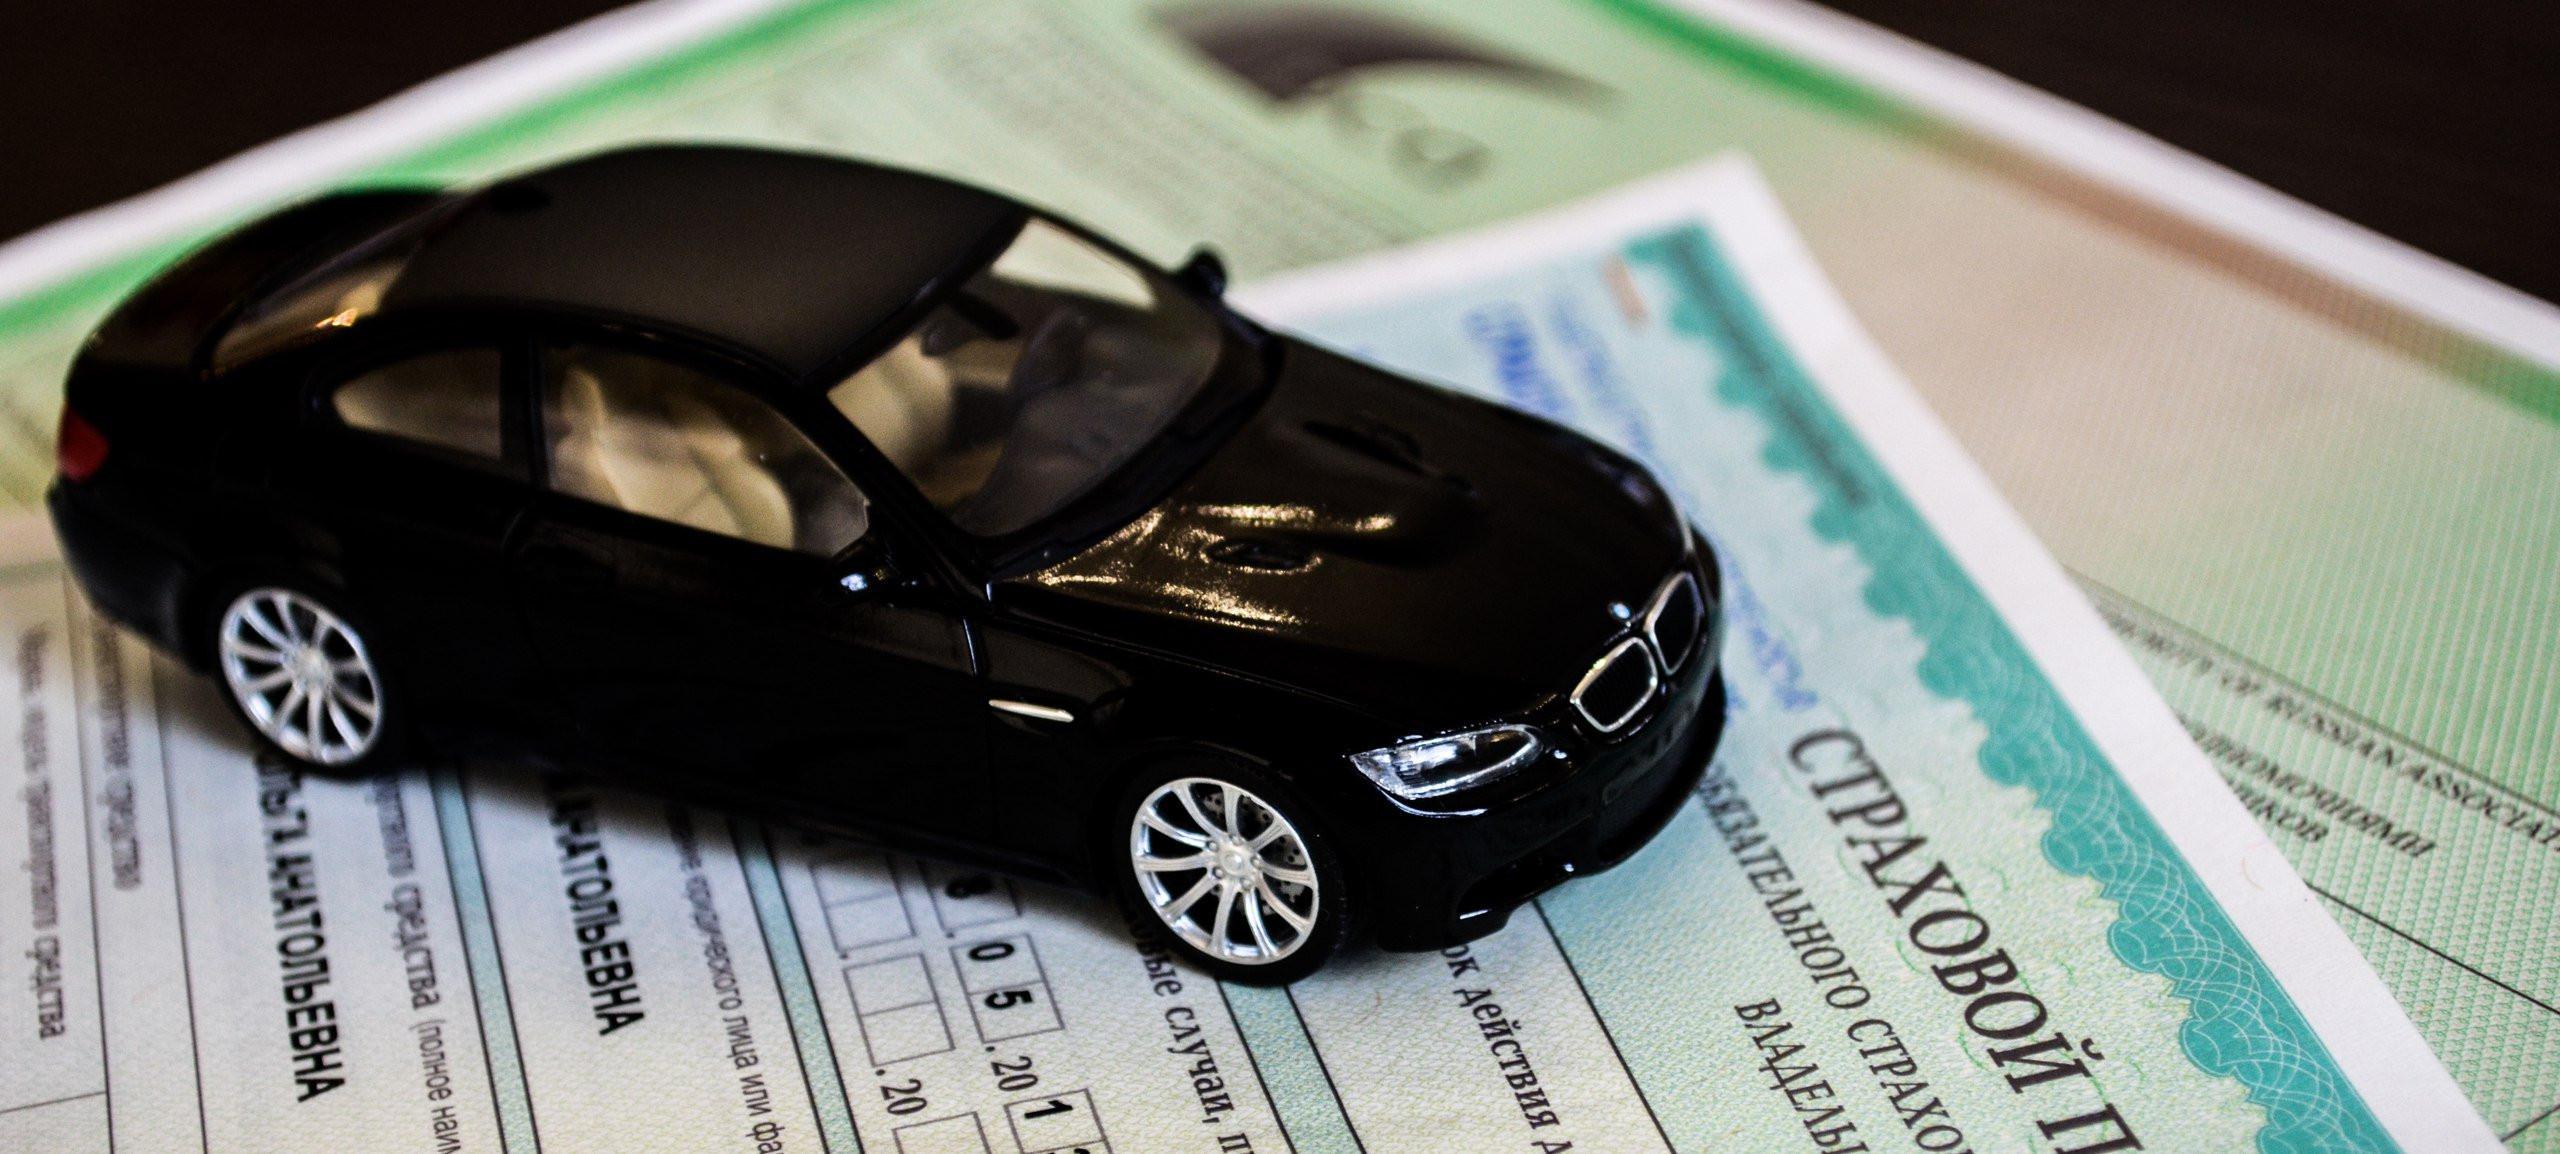 Новые автоштрафы и тарифы вступают в силу в августе